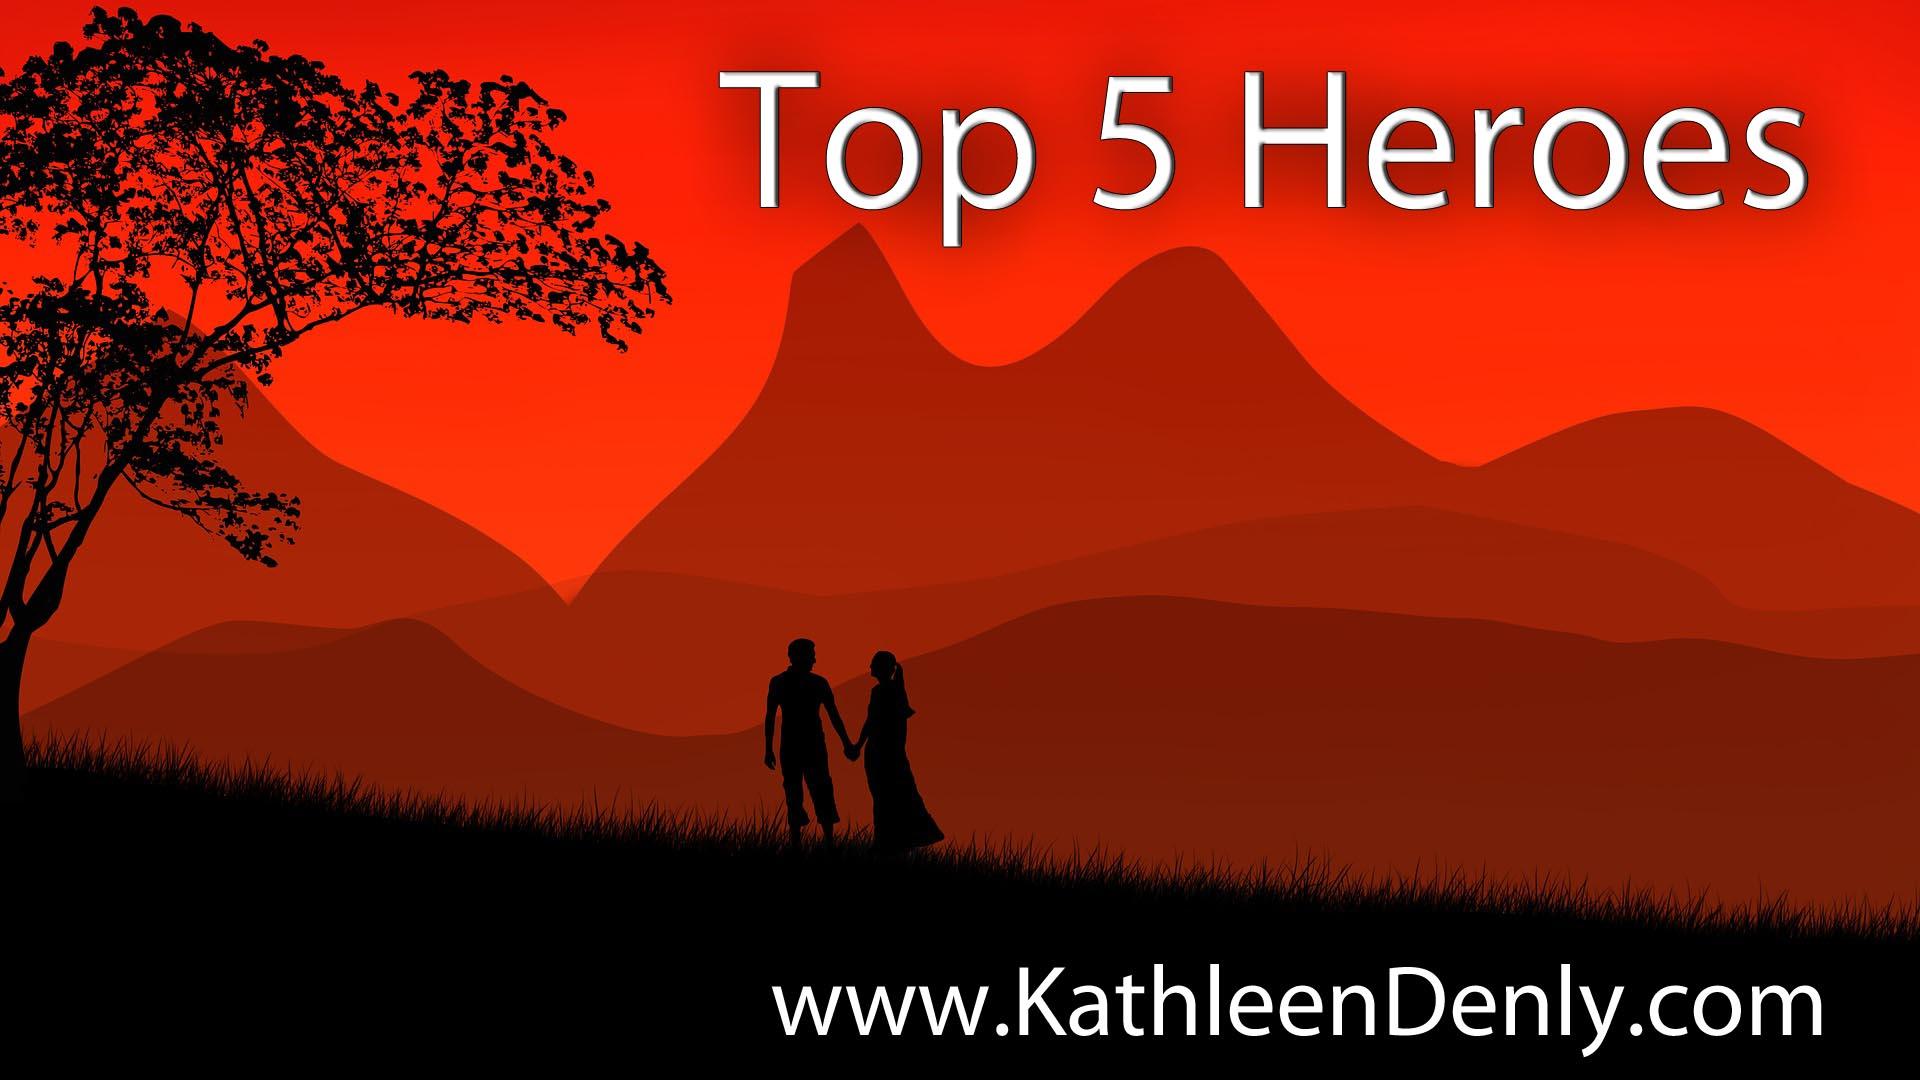 Top 5 Heroes Header Image